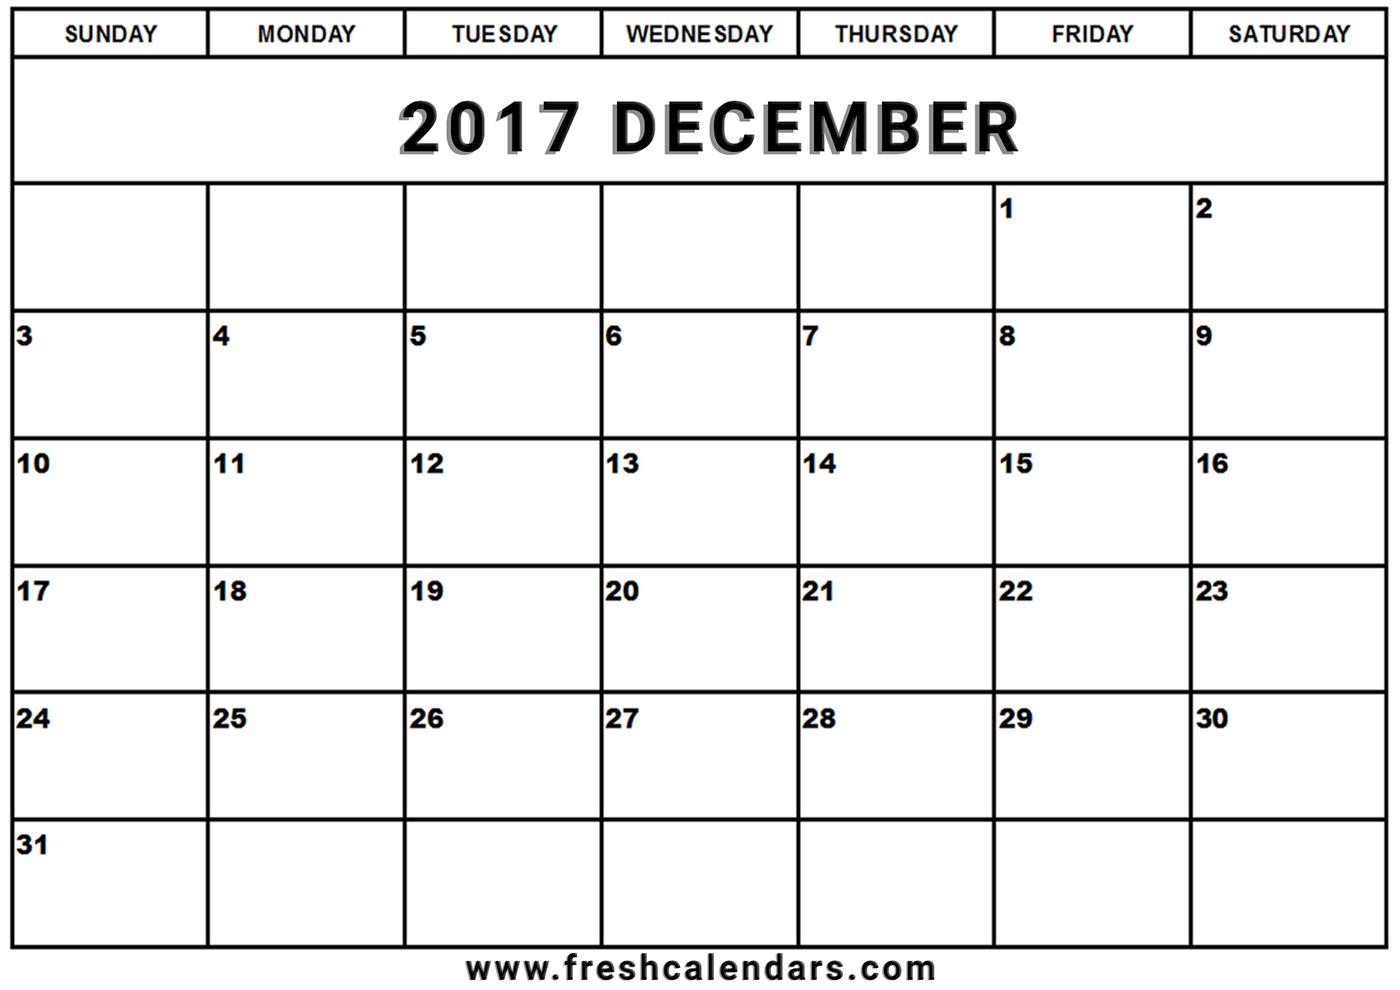 December 2017 Calendar Printable - Fresh Calendars for Blank Calendar For December